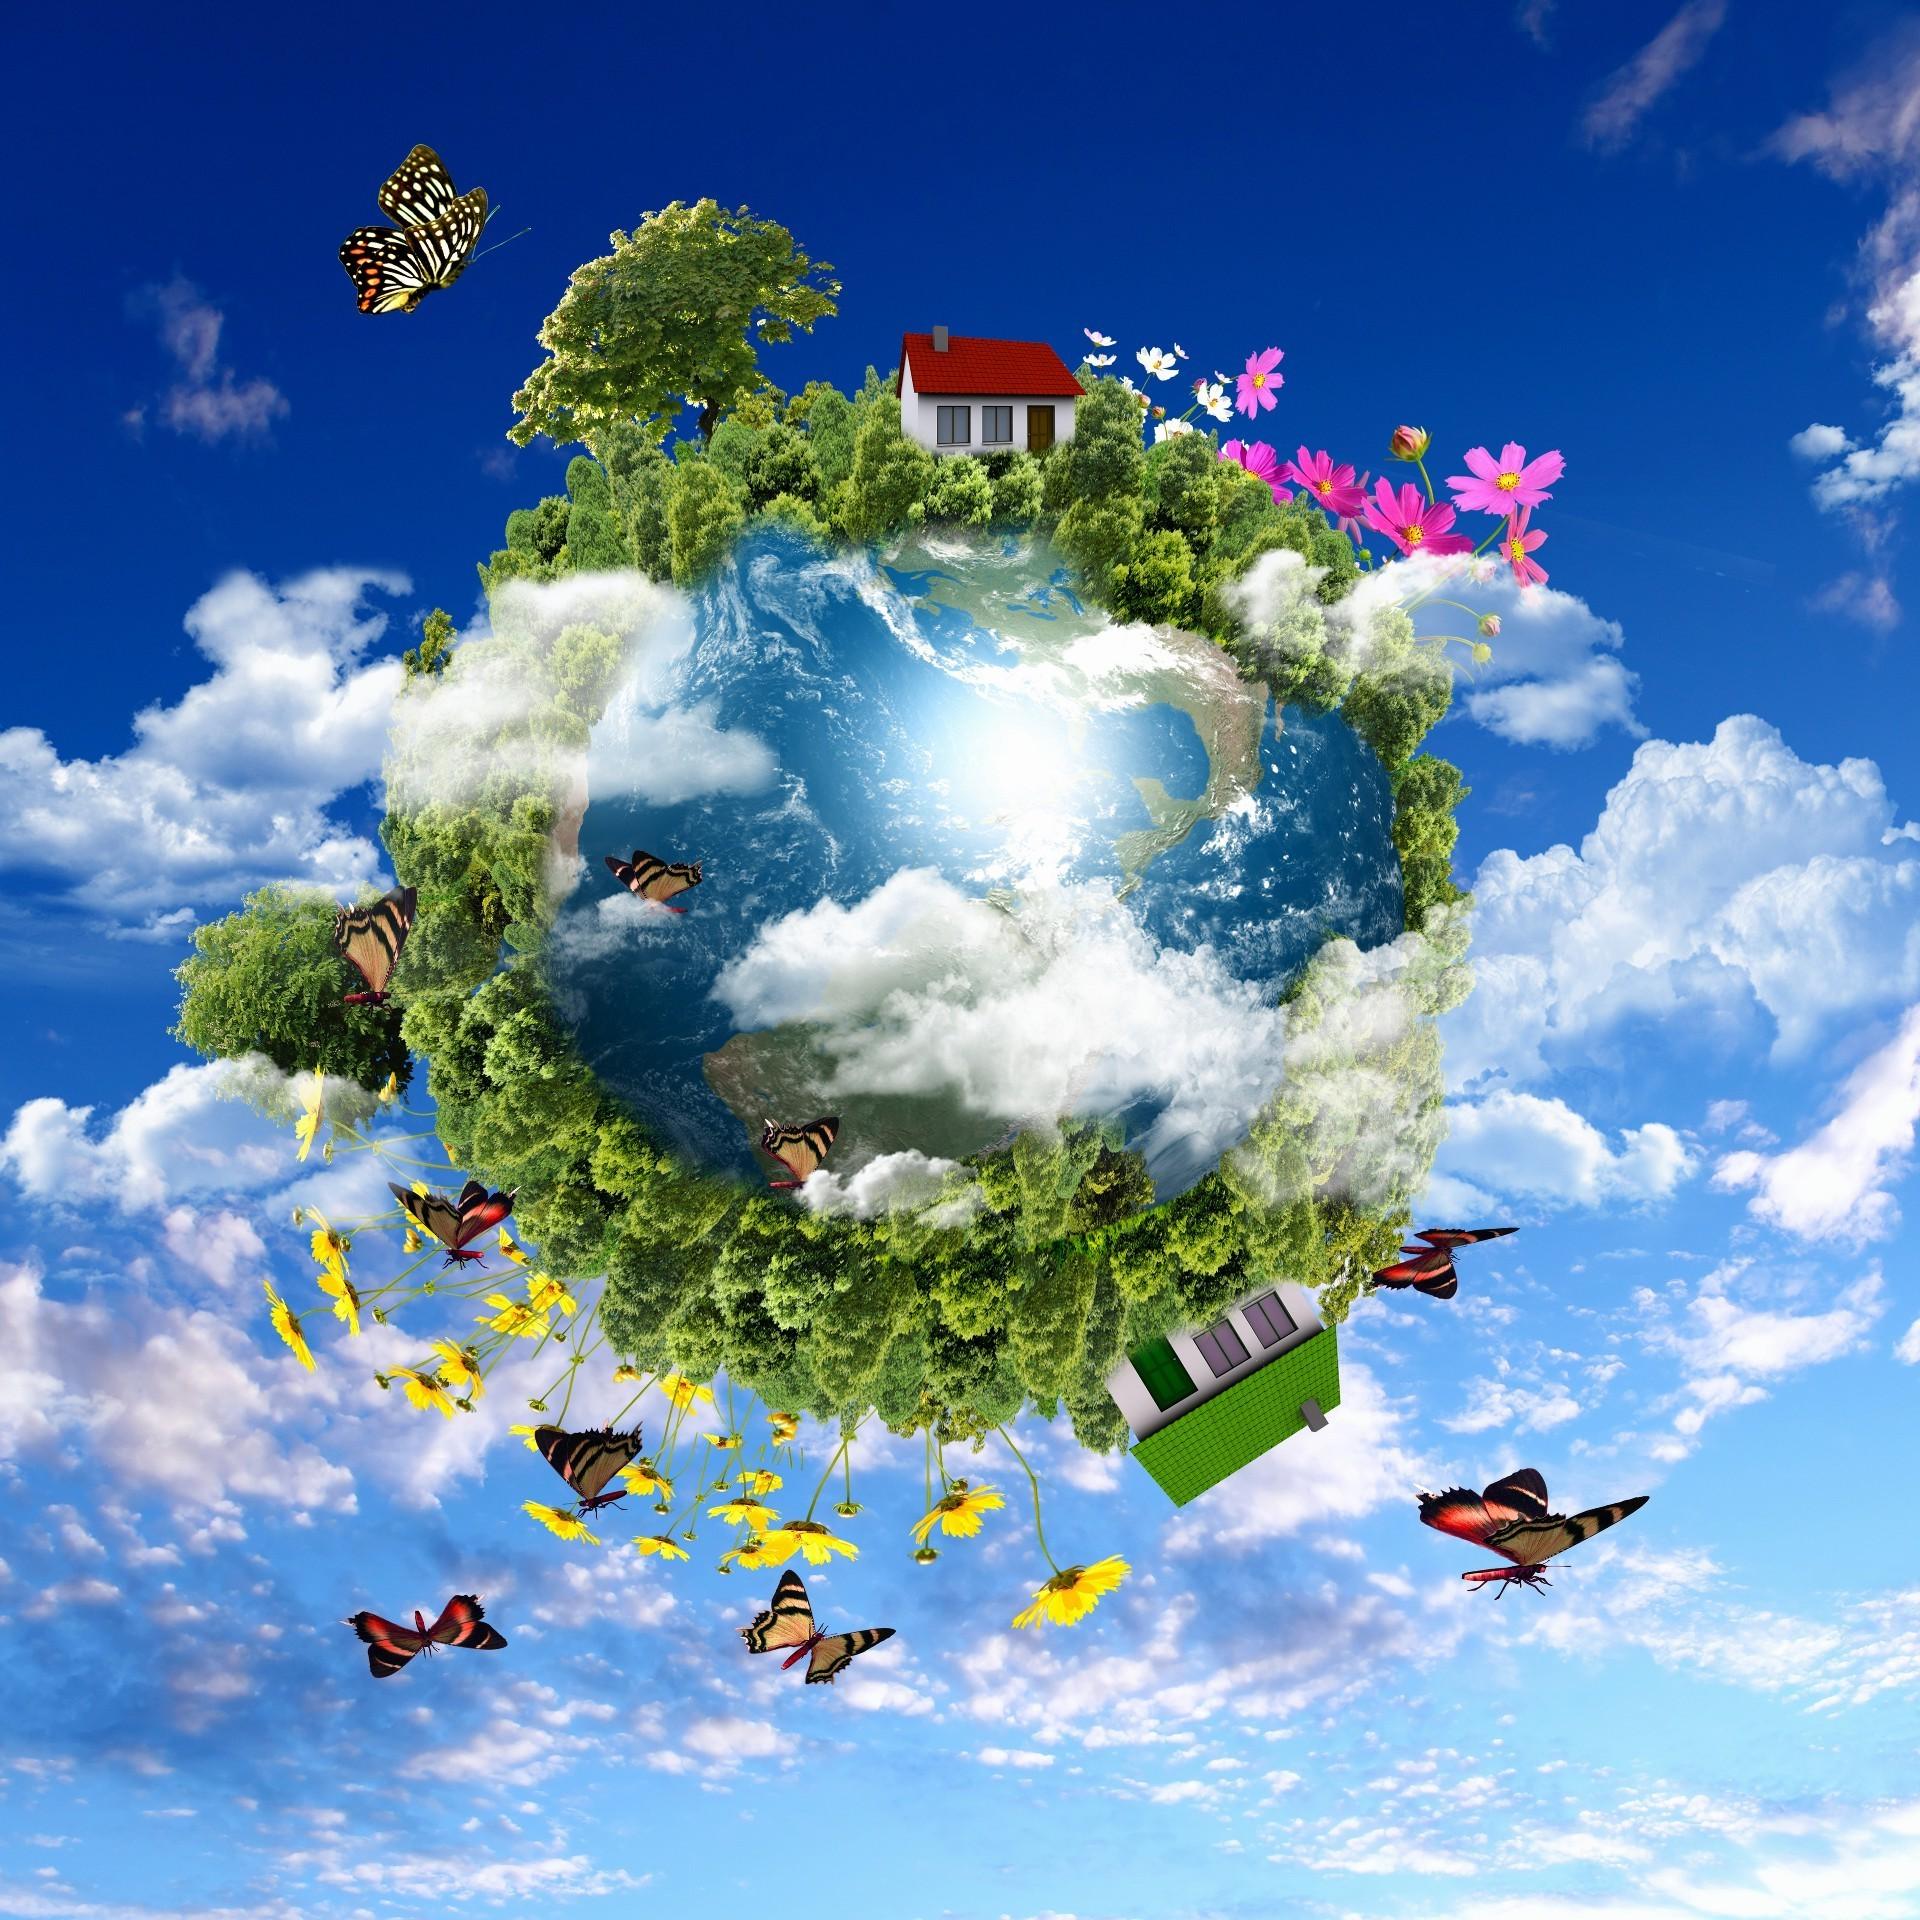 Удивительный букет для планеты земля, находка цветы